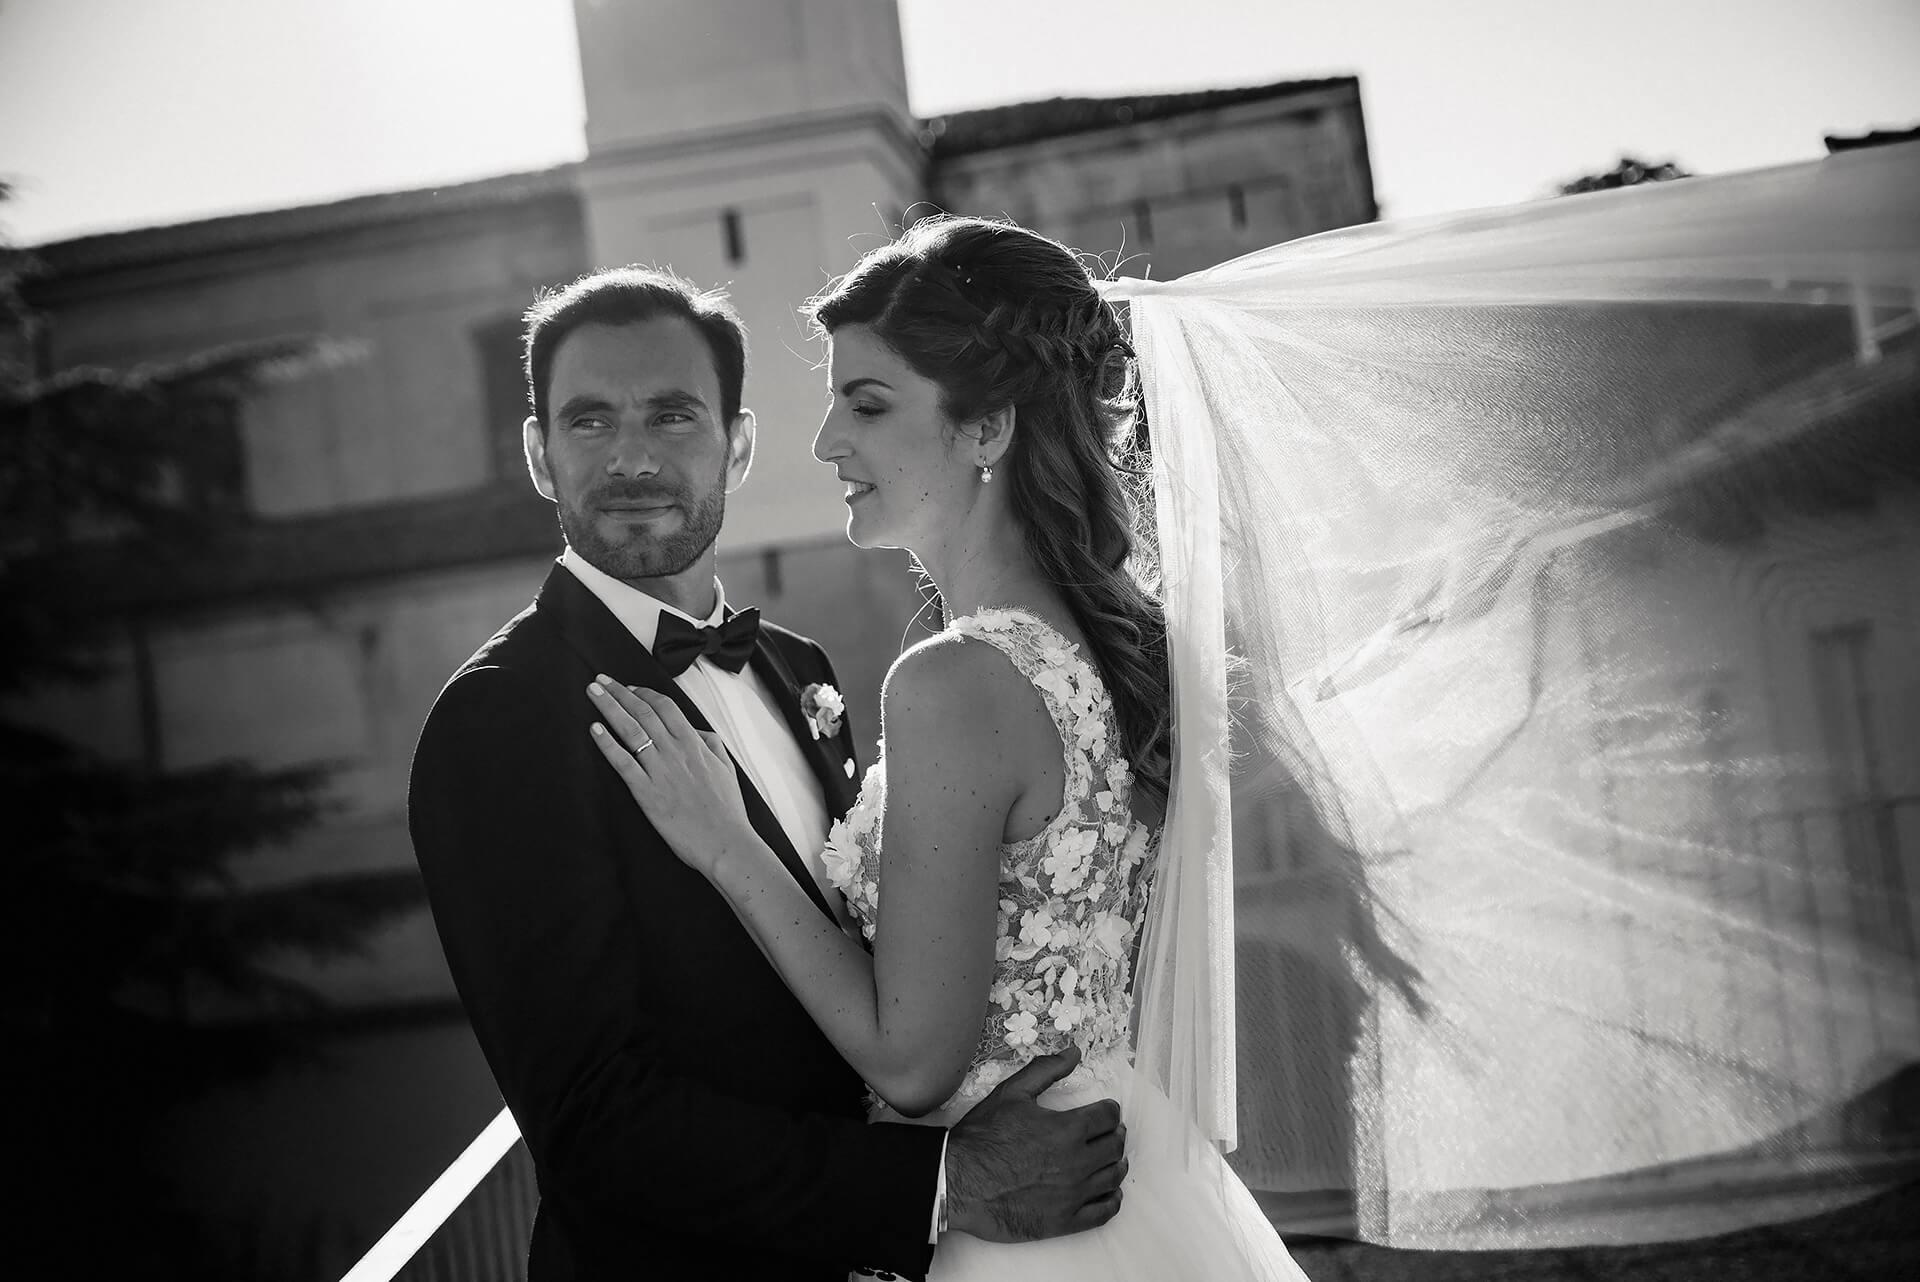 Domande per la scelta del fotografo di matrimonio Asti e Canelli di Francesco Matturro